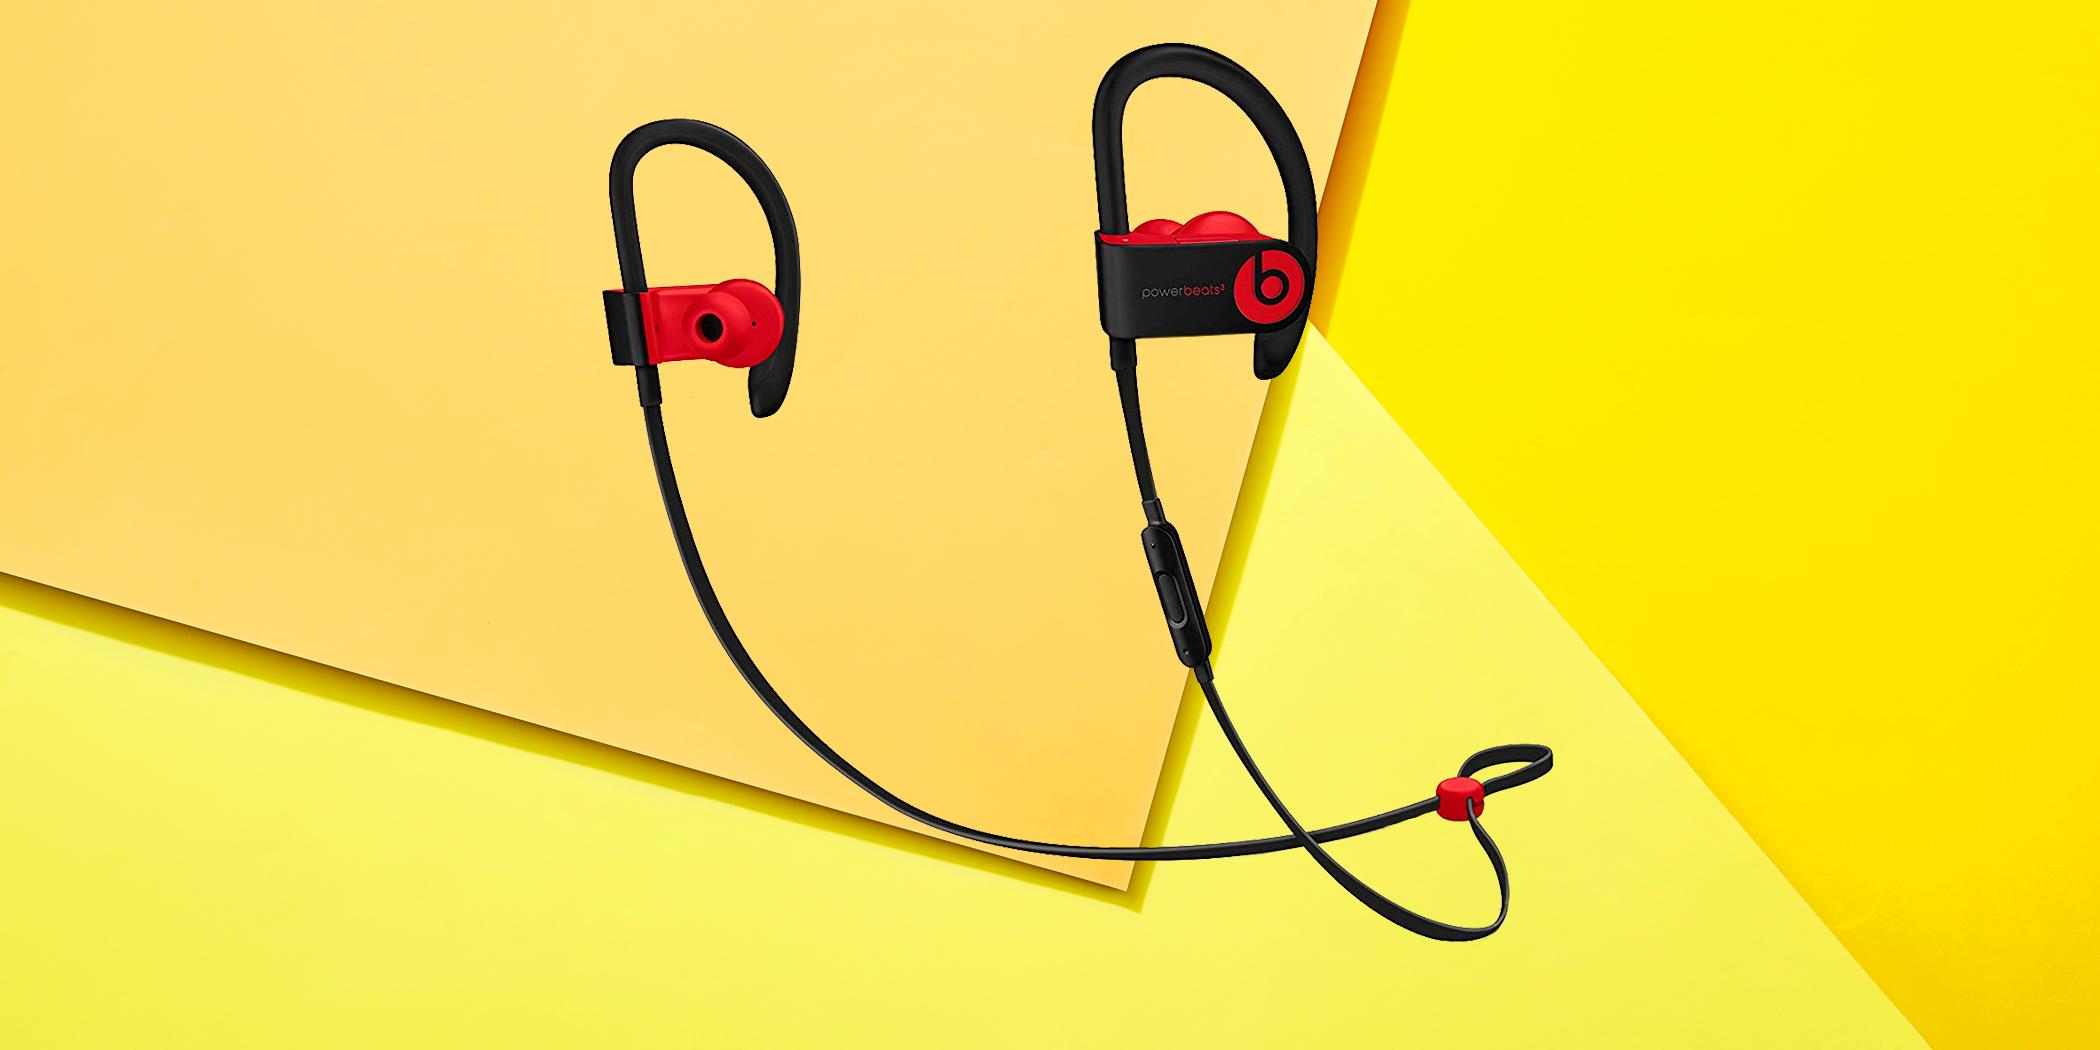 Powerbeats3 Wireless In-Ear Headphone Review